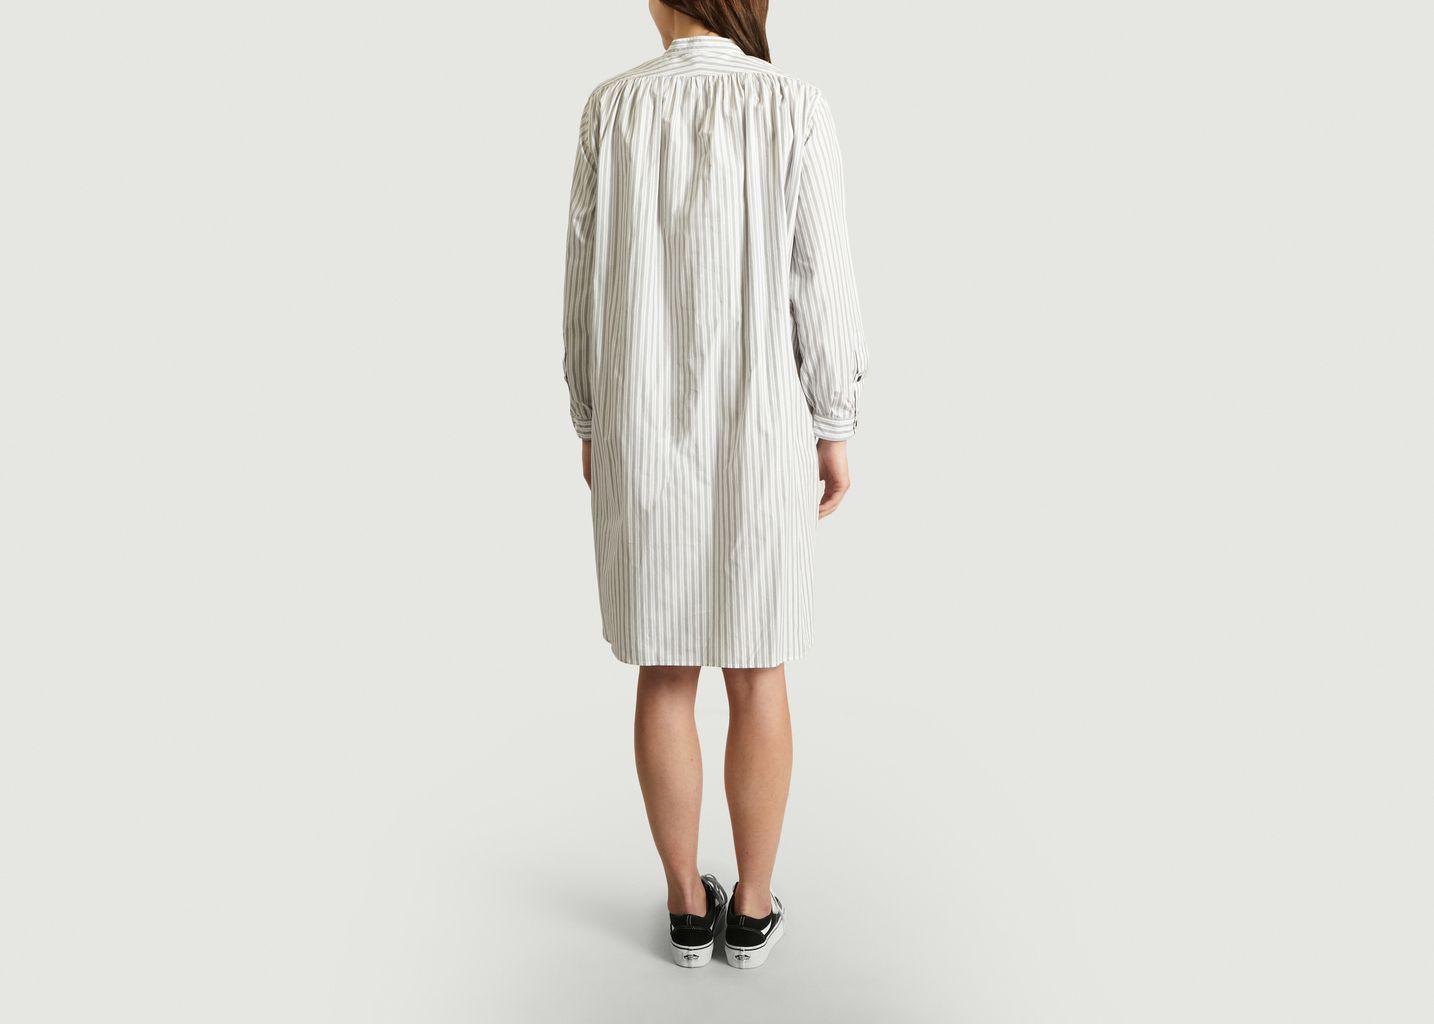 Robe Chemise Francine - Soeur